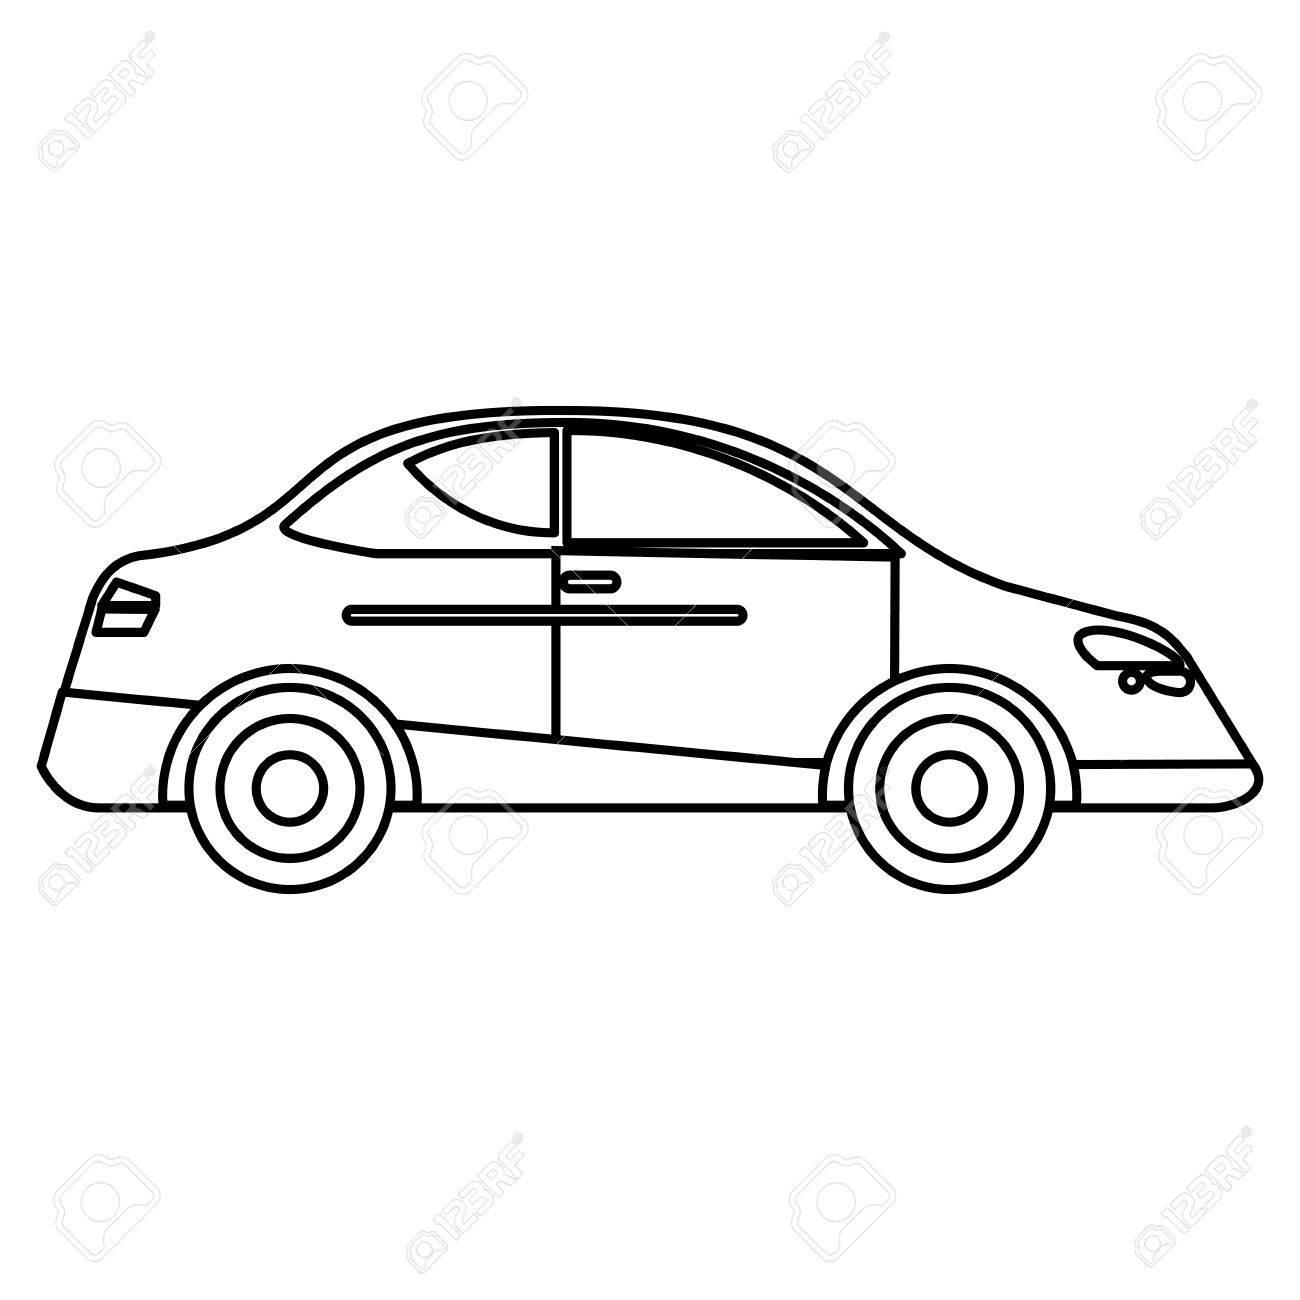 Car sedan vehicle transport outline vector illustration eps 10 car sedan vehicle transport outline vector illustration eps 10 stock vector 74684158 malvernweather Images